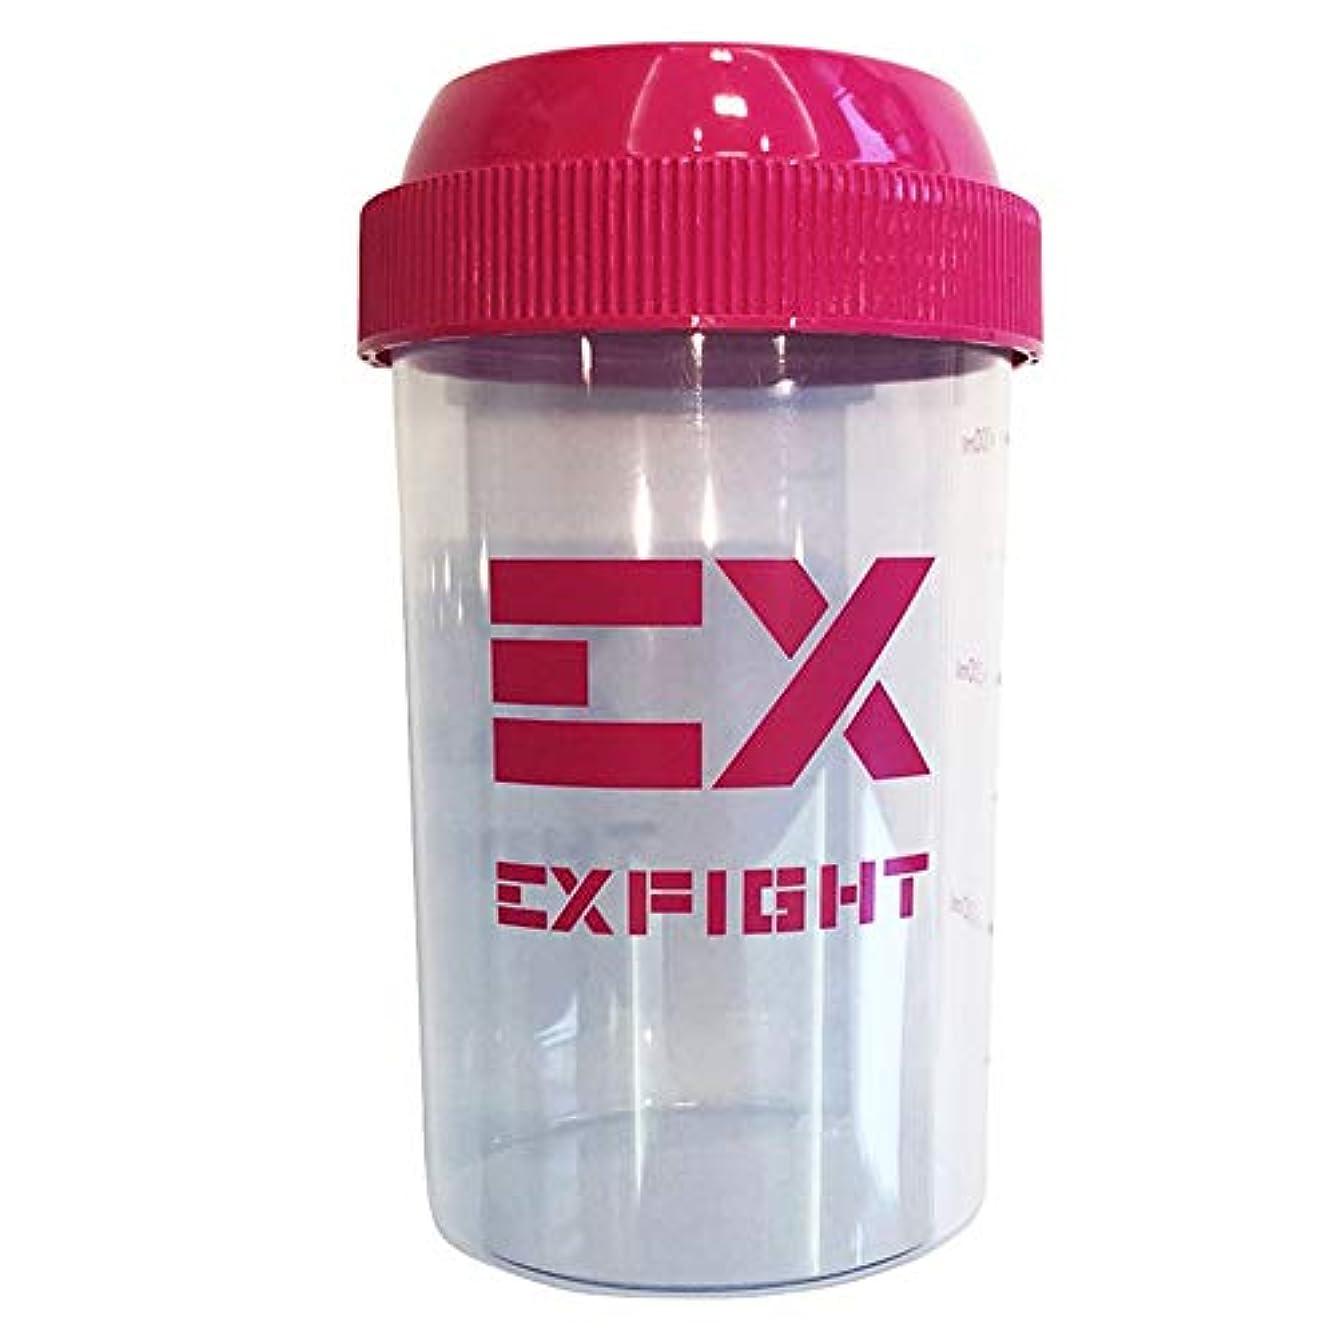 献身第三告白するEX-SHAKER シェイカーボトル ピンク 300ml(エクスサプリ EXSUPPLI シェーカー EXILE サプリ)